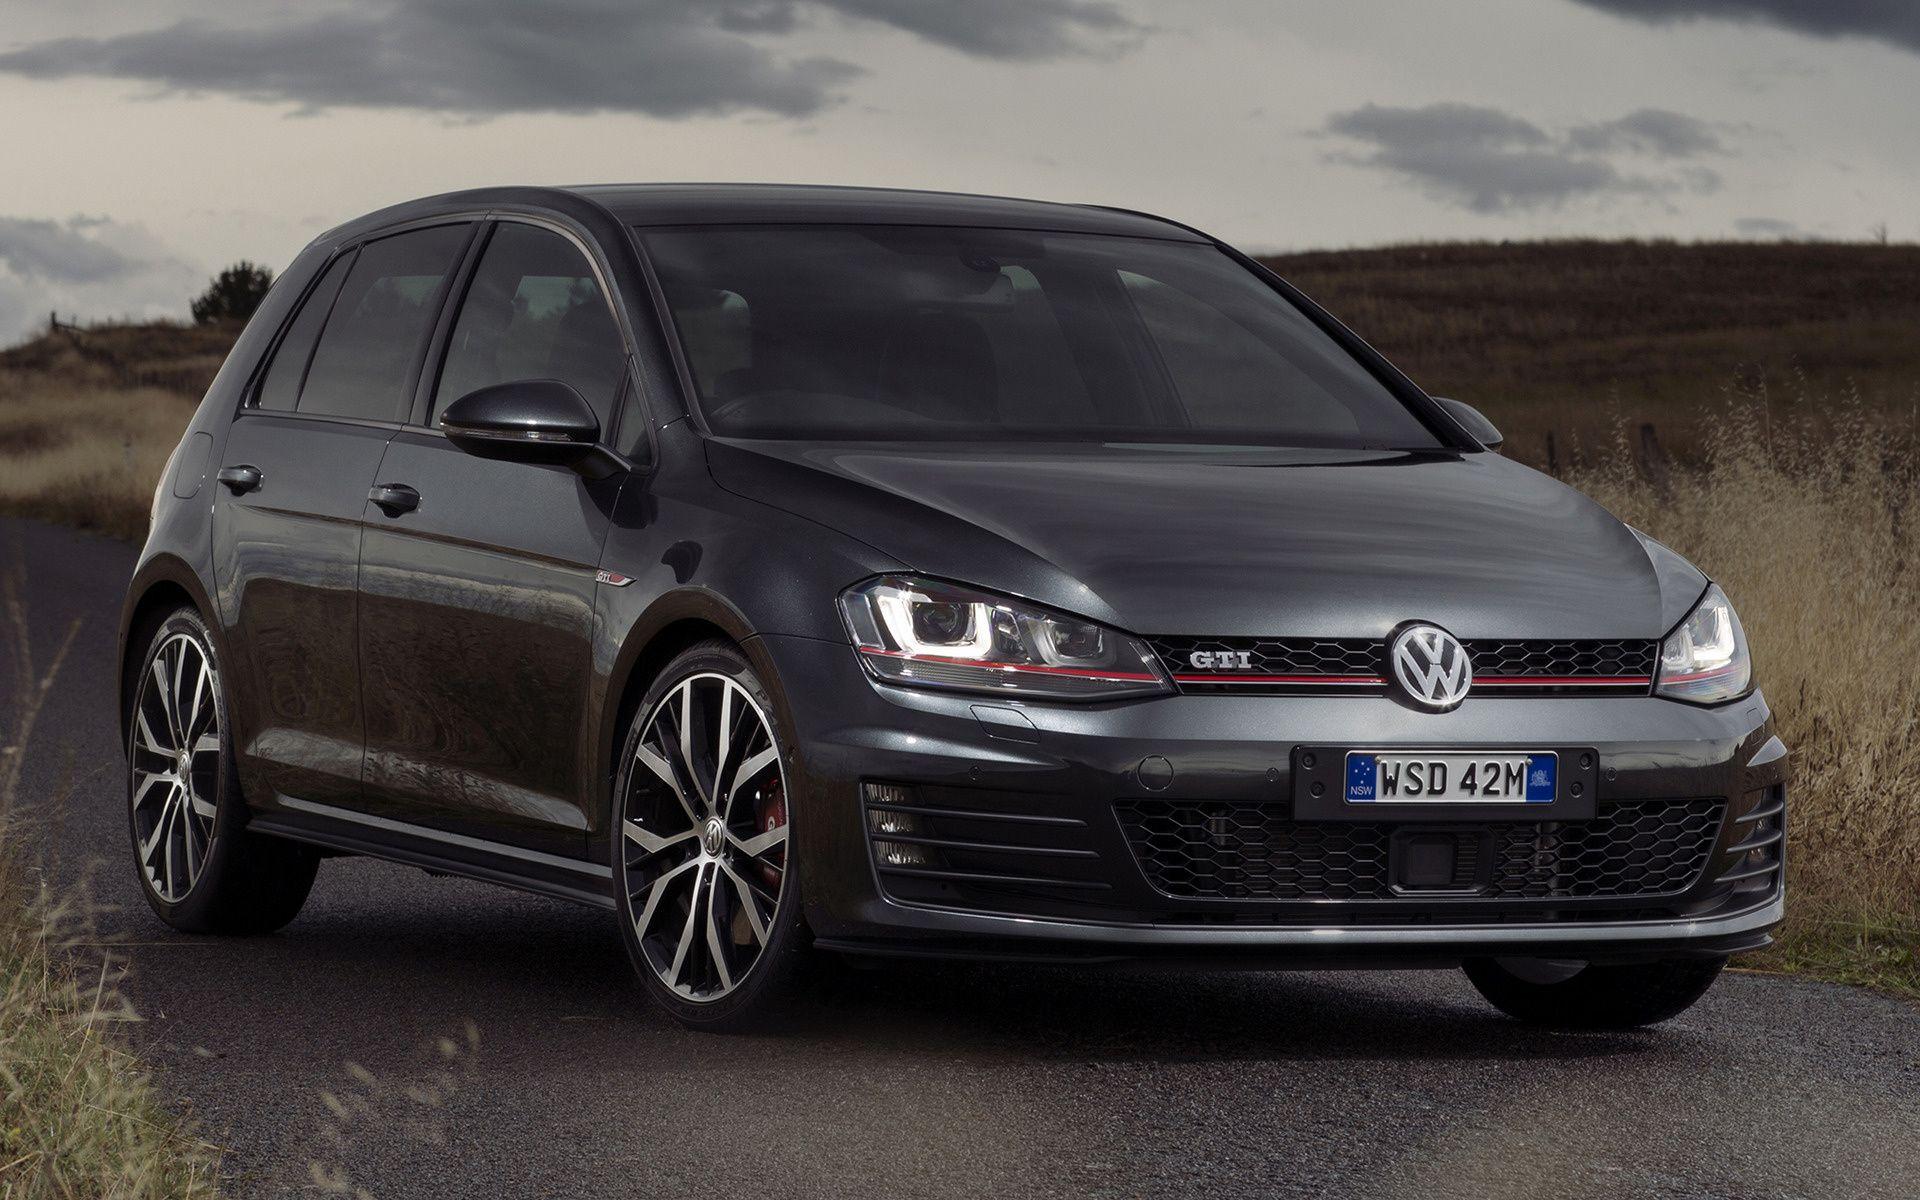 2014 Volkswagen Golf Gti Performance 5 Door Au Volkswagen Golf